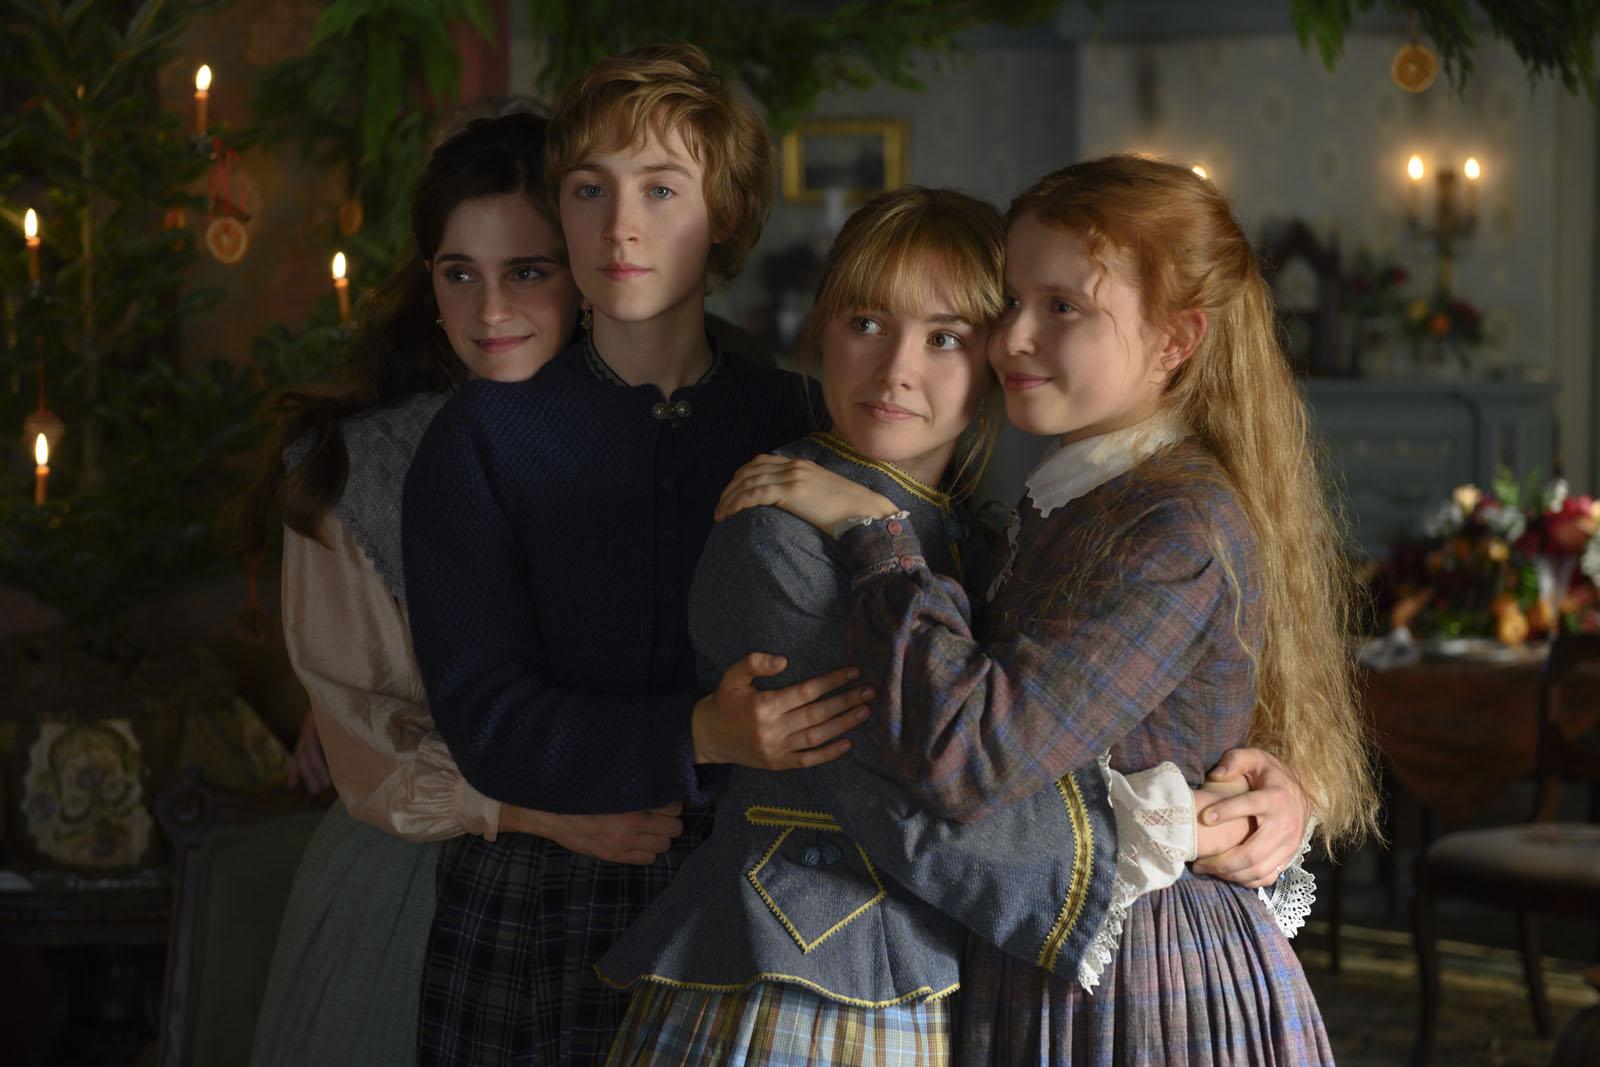 Filme de Greta Gerwig, Adoráveis Mulheres retrata a força da união feminina